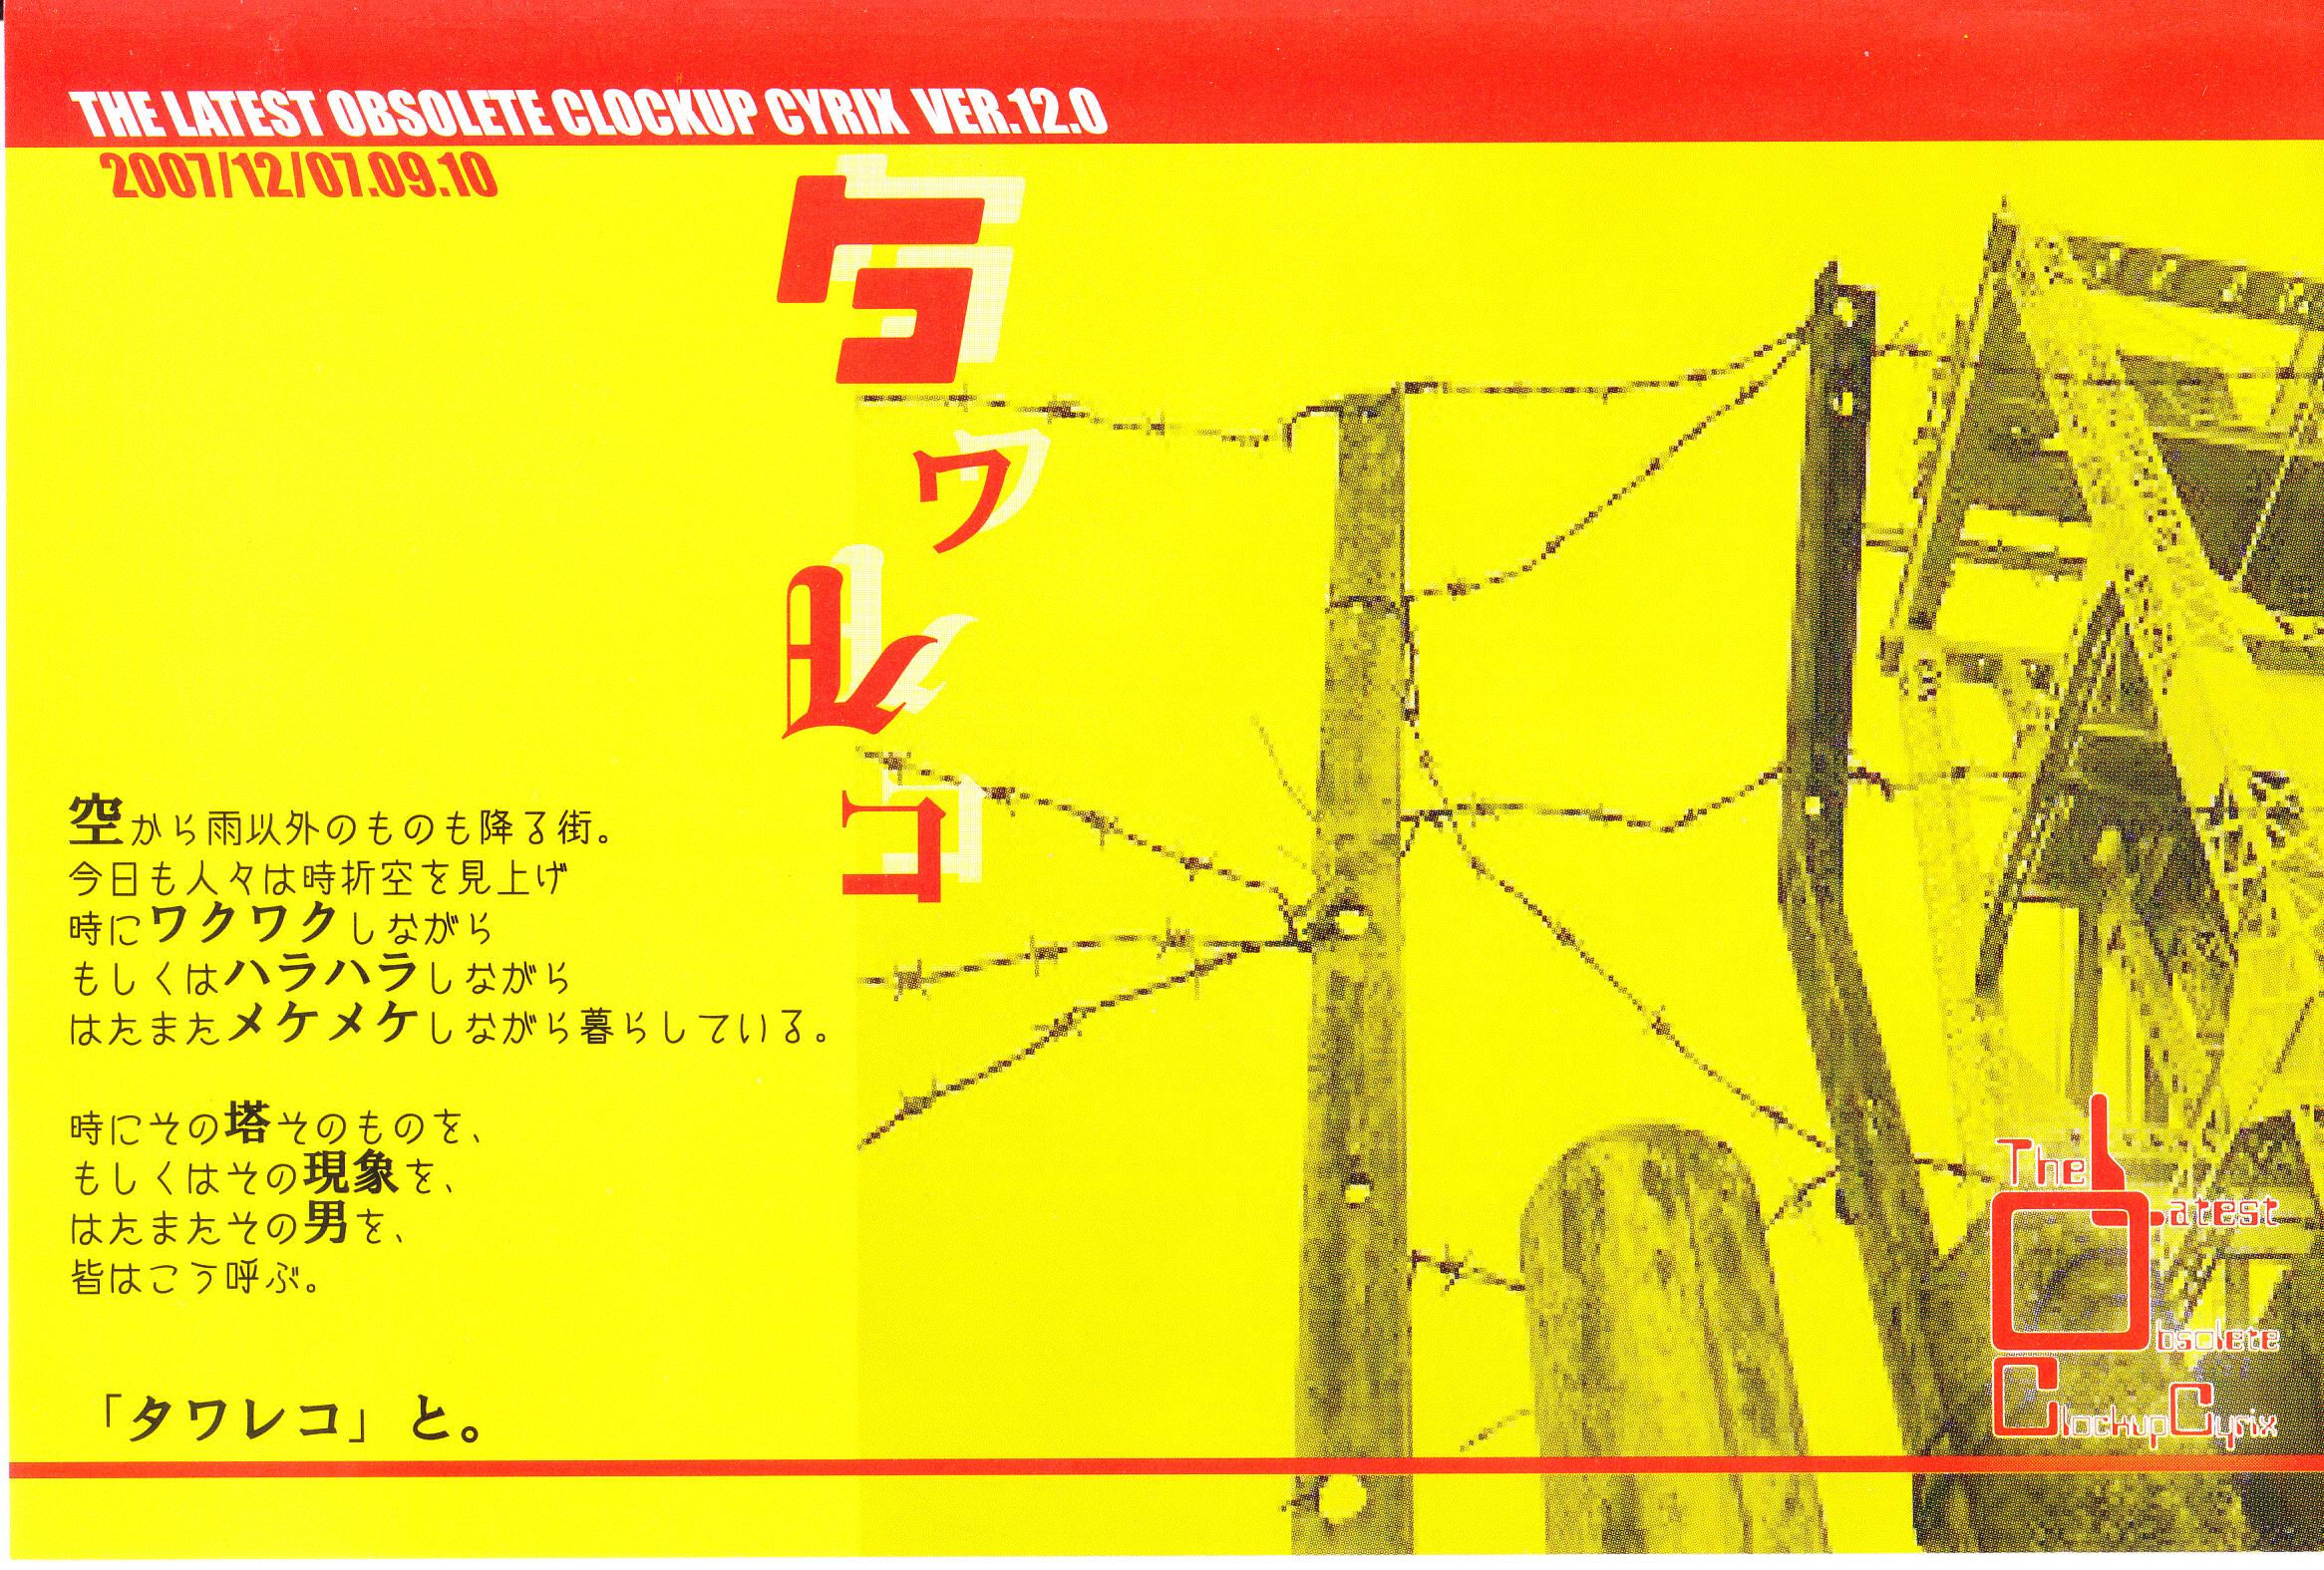 第12回公演 タワレコ チラシ